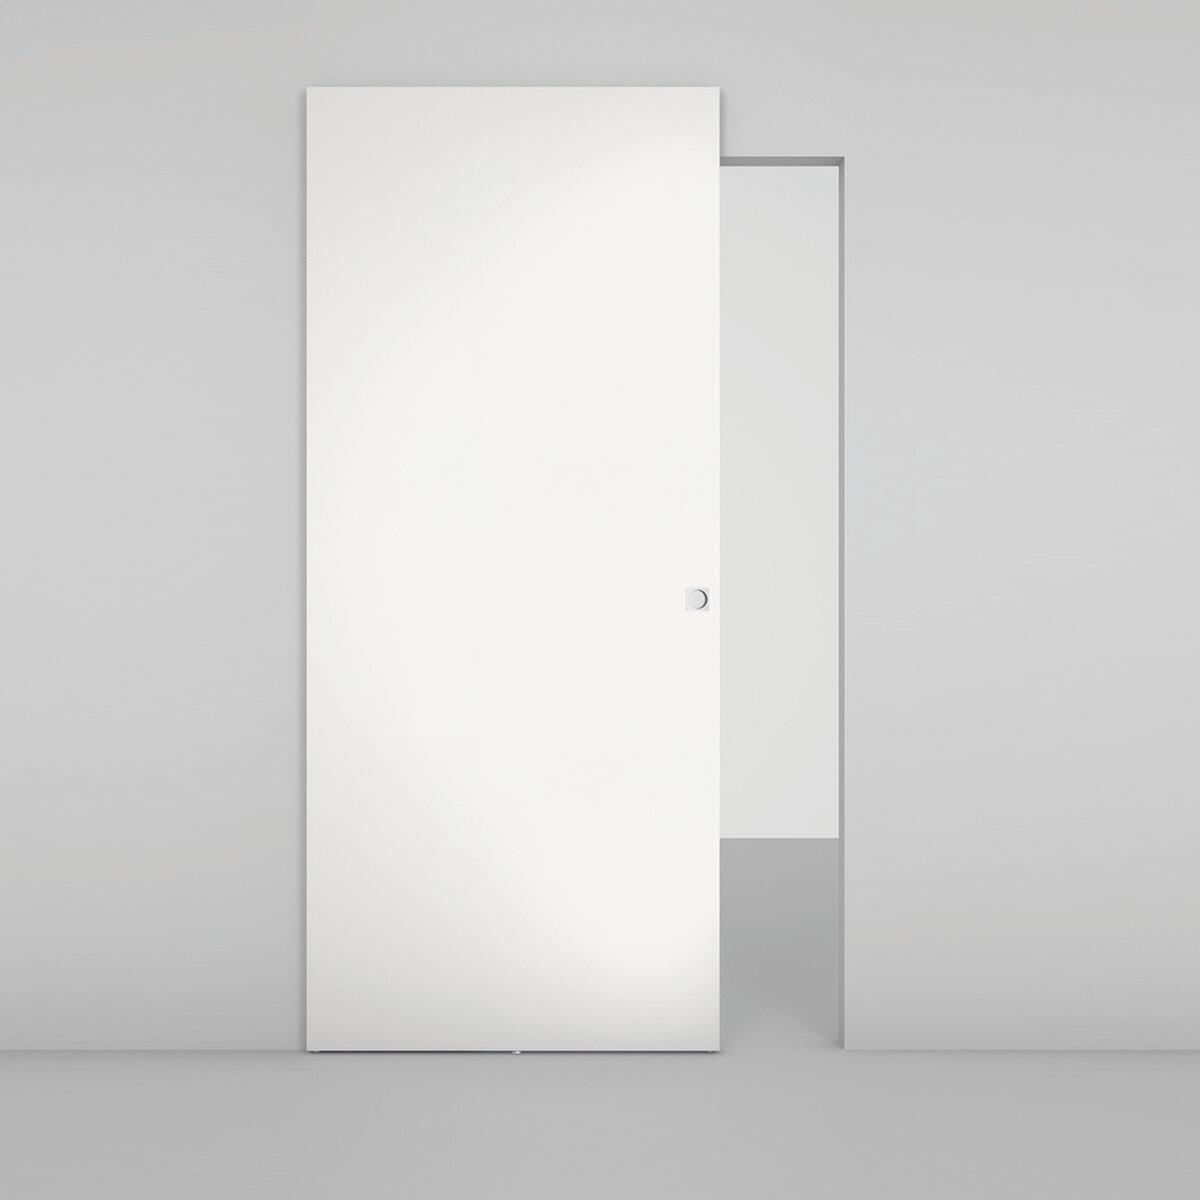 Porta scorrevole con binario esterno Space Lac Qdra in legno, Binario nascosto L 101 x H 230 cm dx - 2